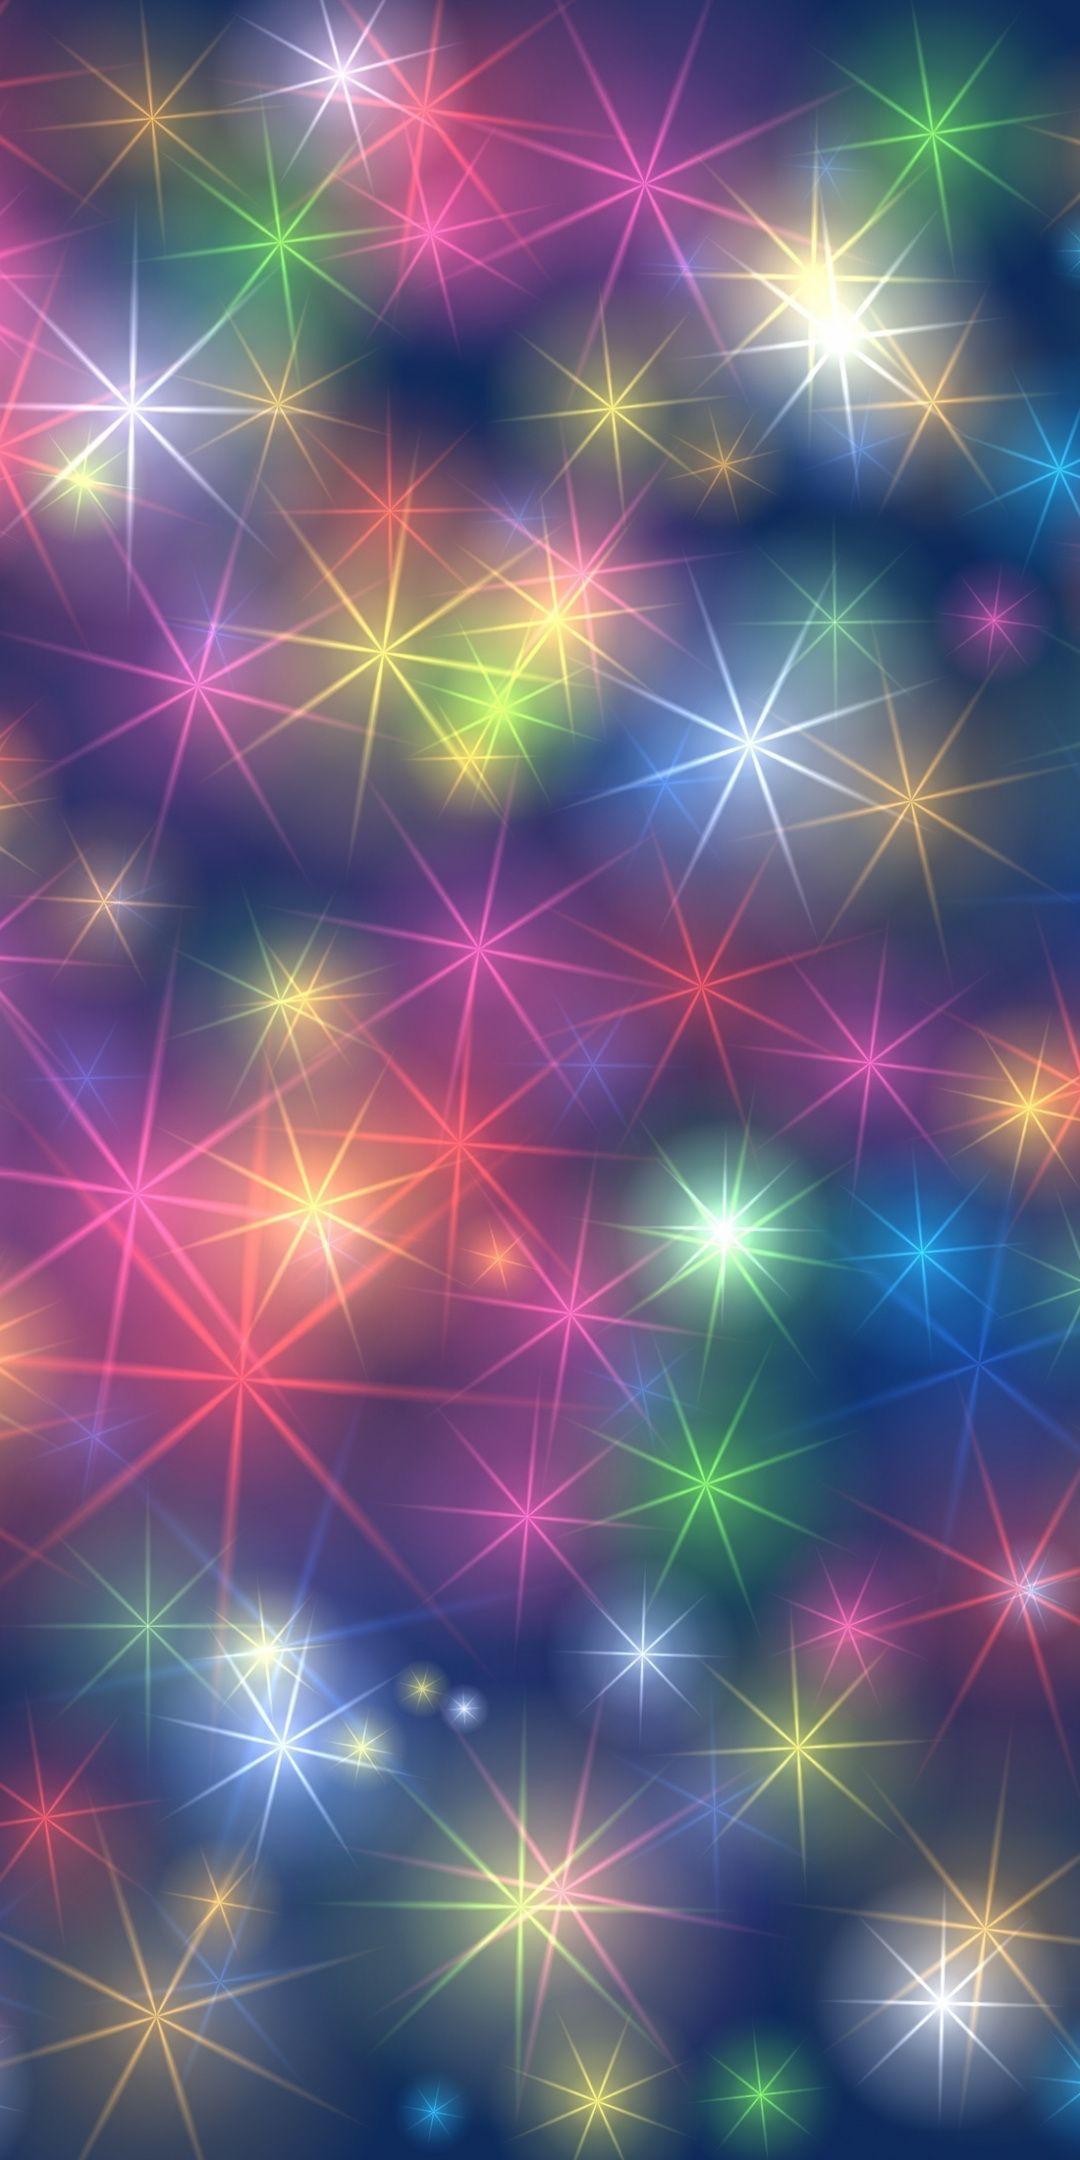 Colorful Snowflakes Patterns Glow Blur 1080x2160 Wallpaper Rainbow Wallpaper Cellphone Wallpaper Colorful Wallpaper